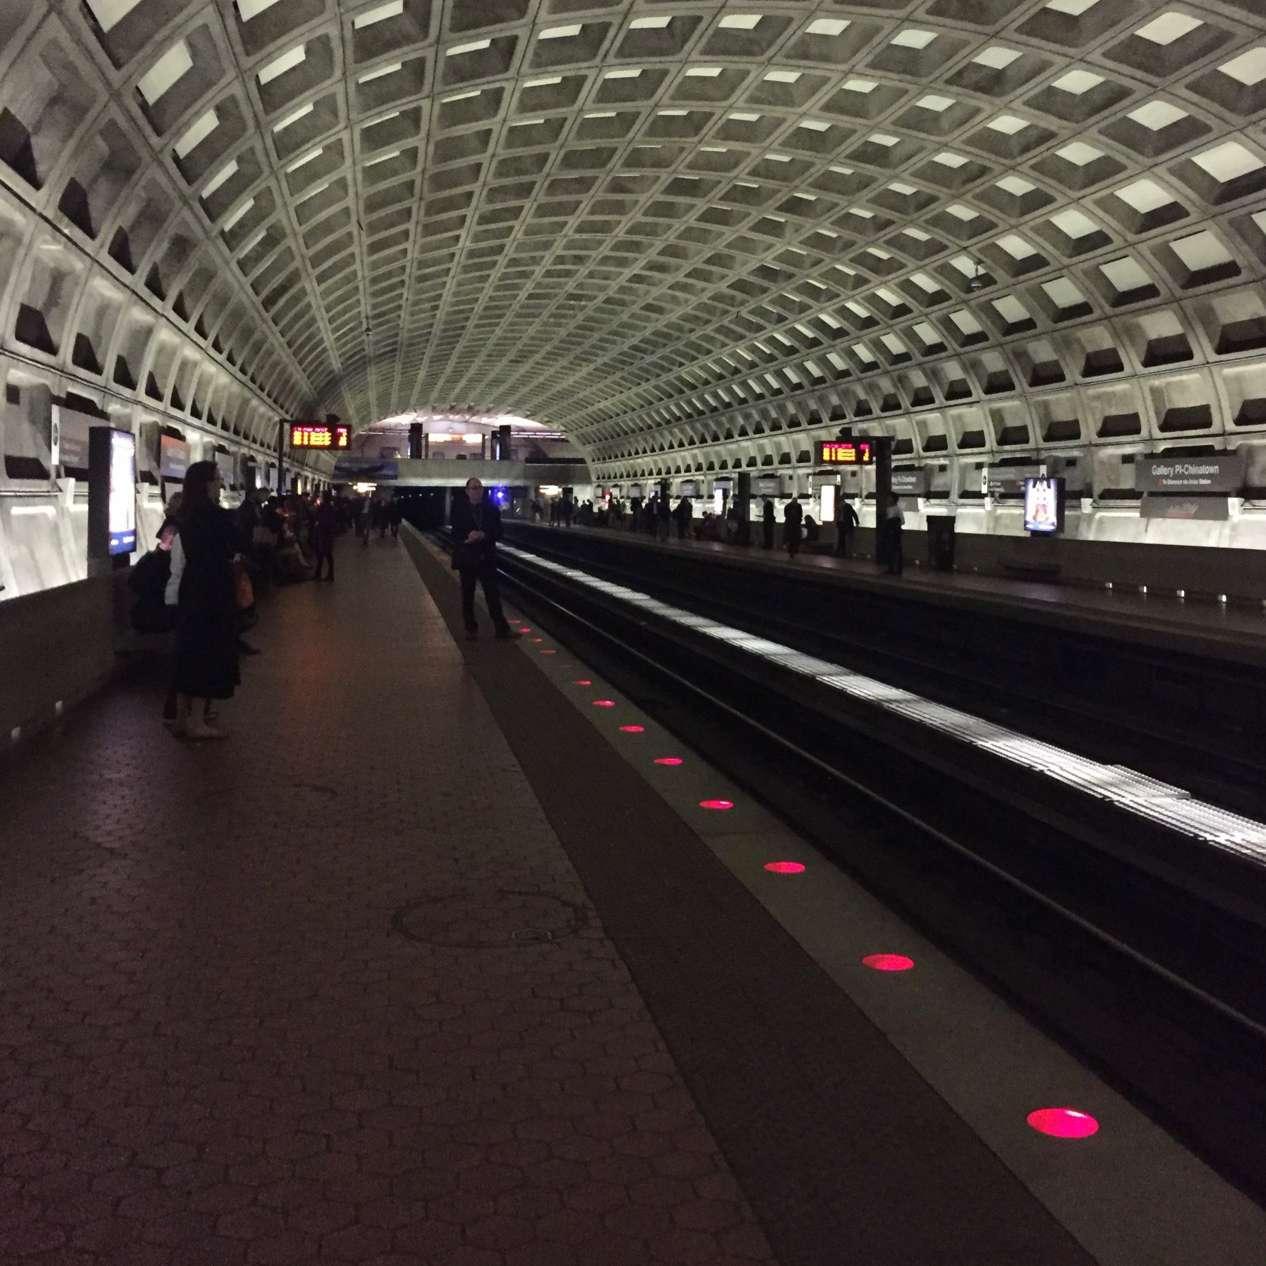 lights in platform